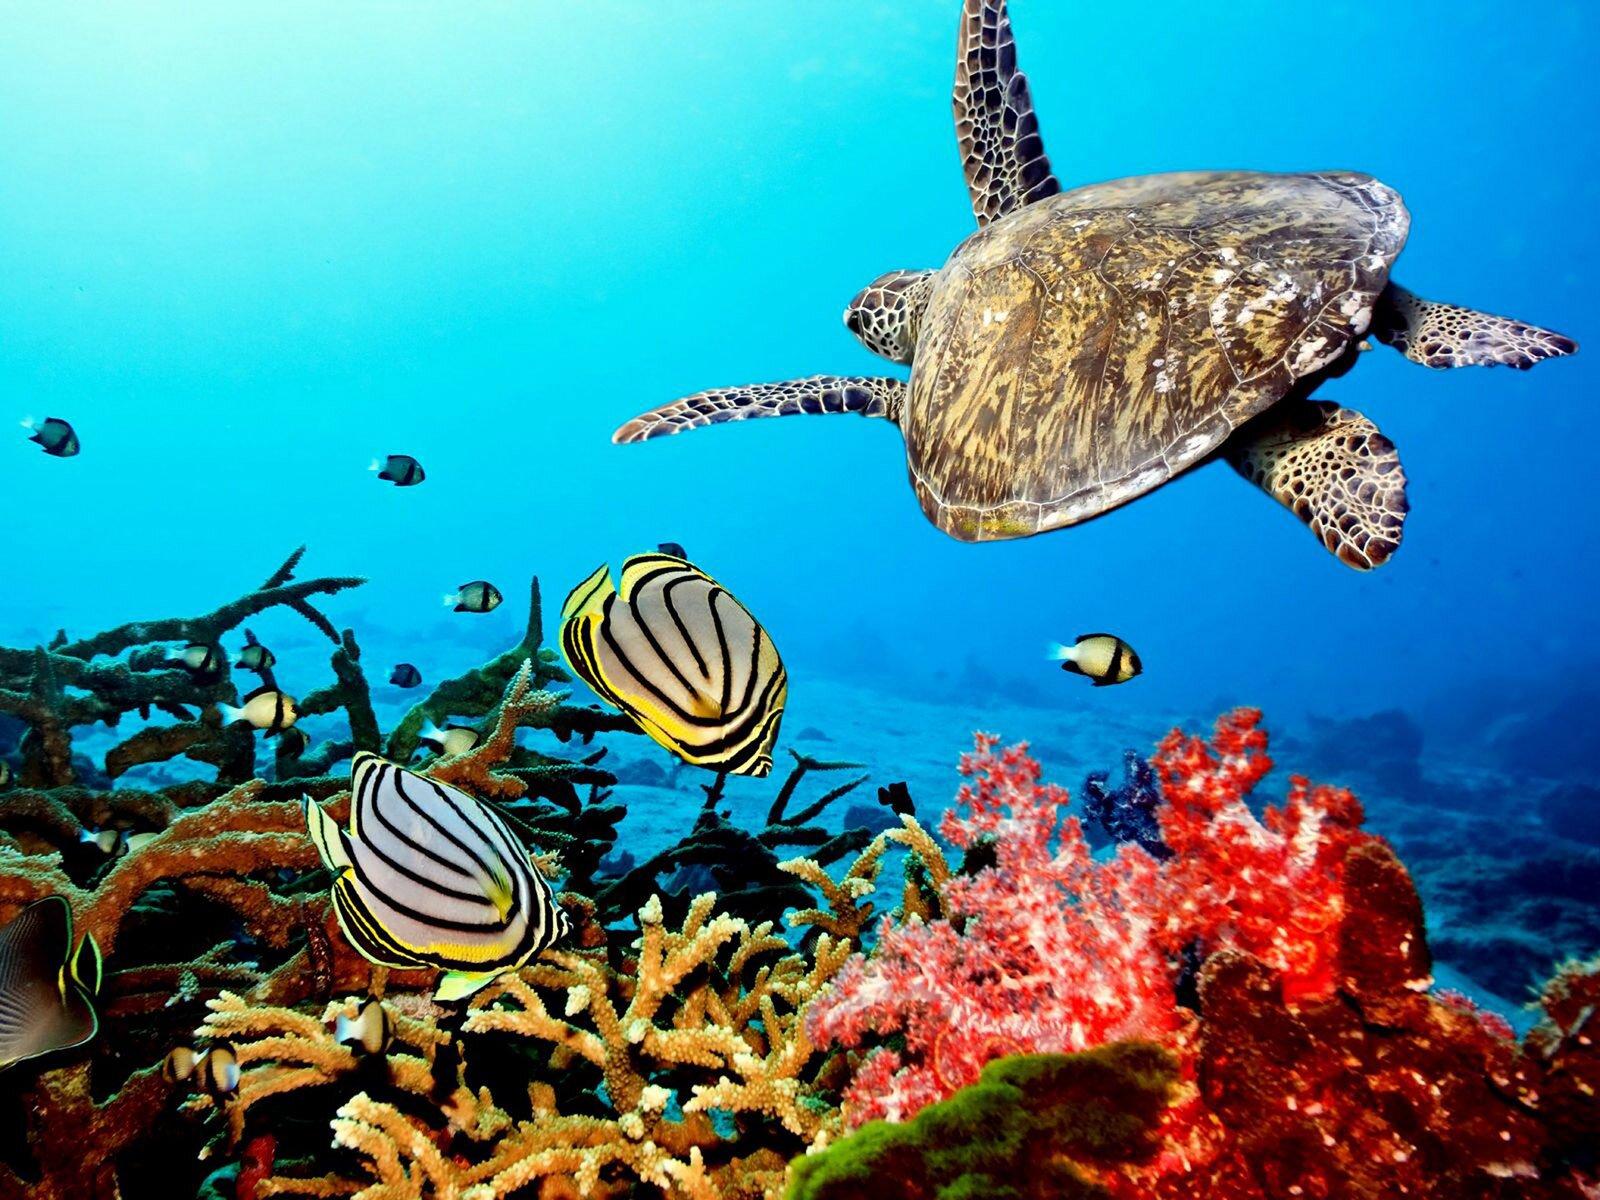 15 pics of amazing coral reefs and fishes for Sfondo animato pesci